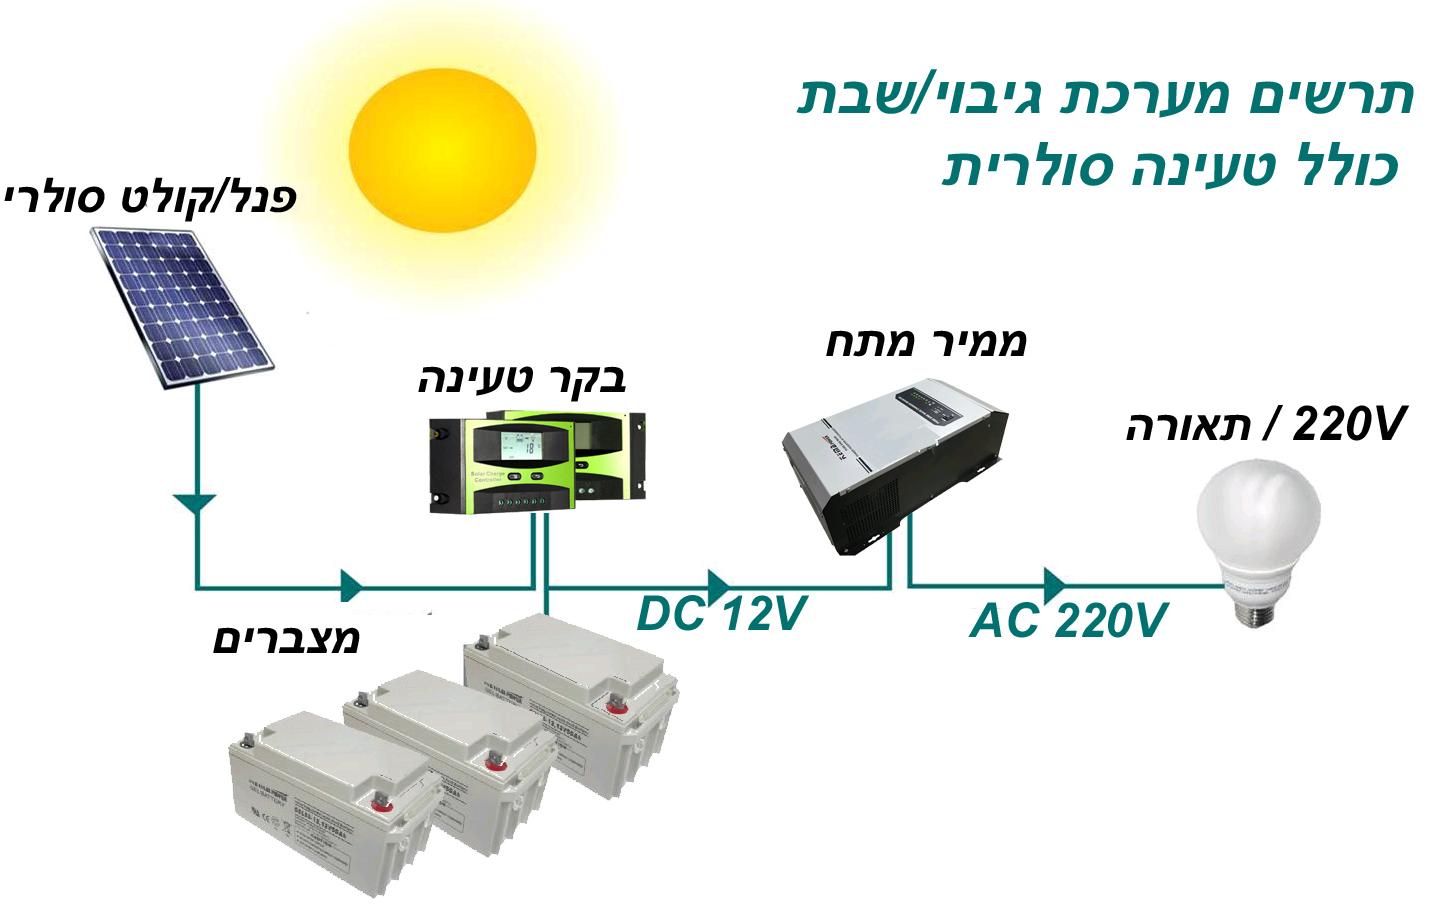 מאוד מערכת חשמל לשבת ,מערכת סולארית עצמאית TA-91